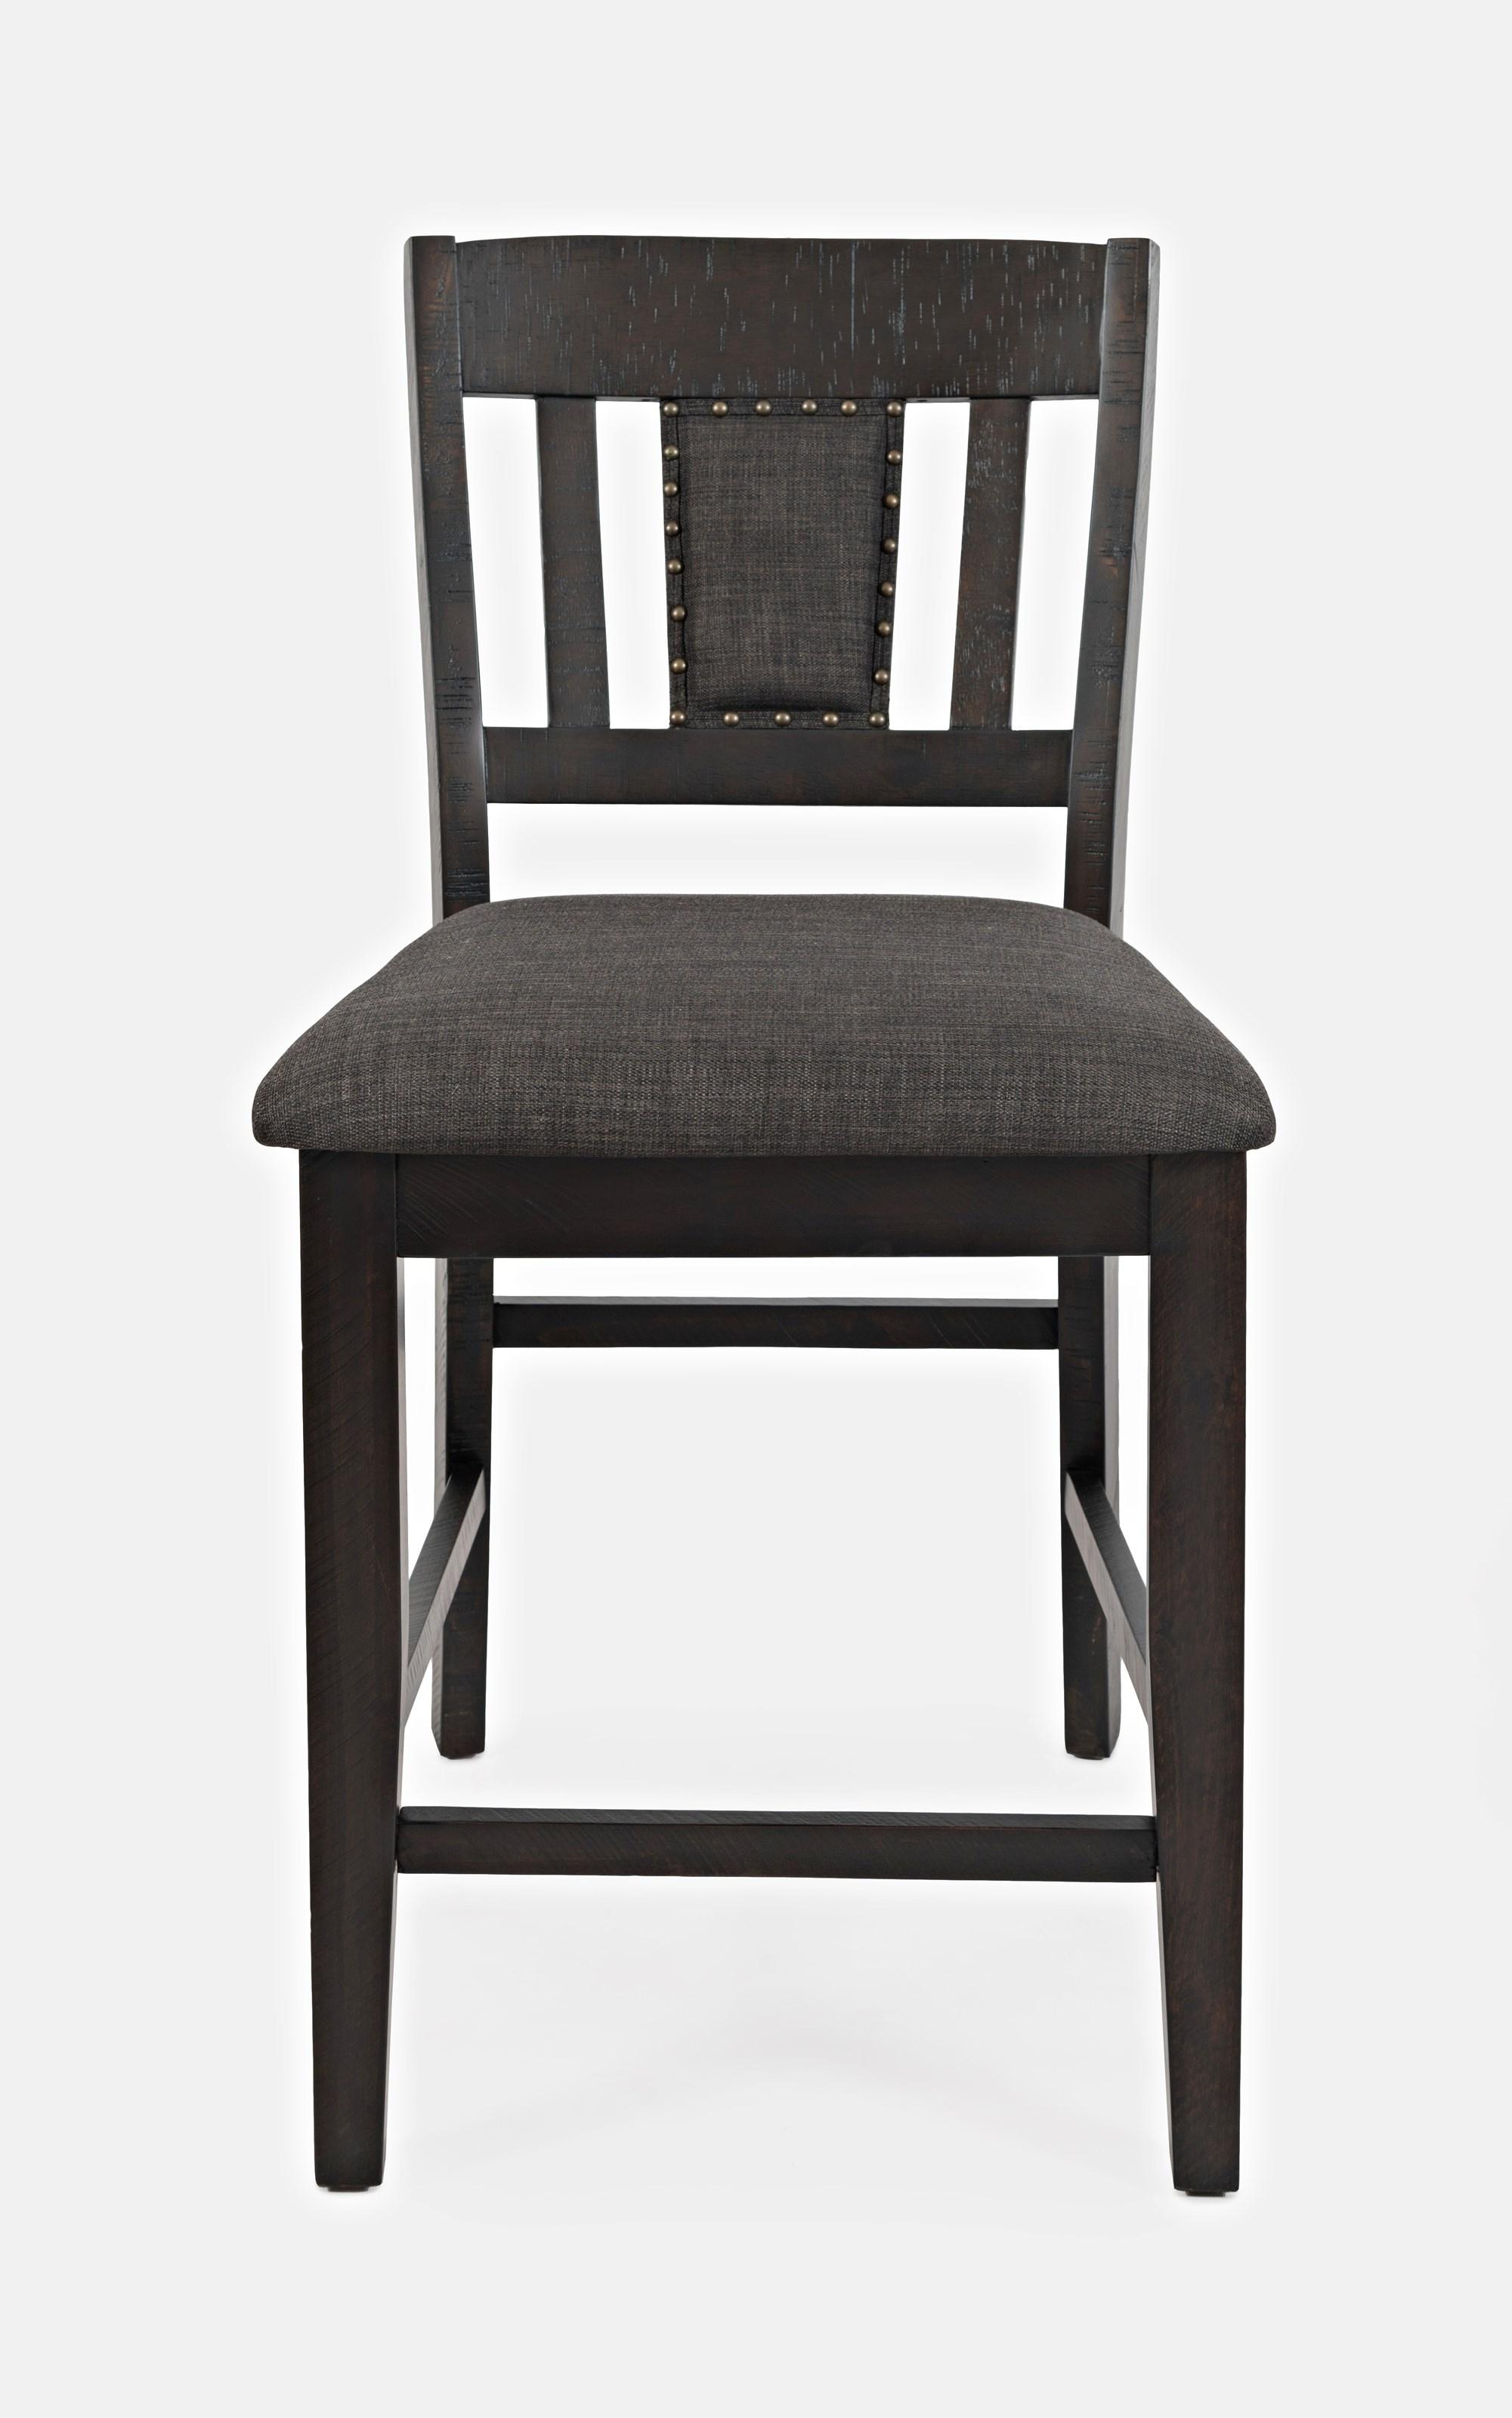 Upholstered Slatback Stool